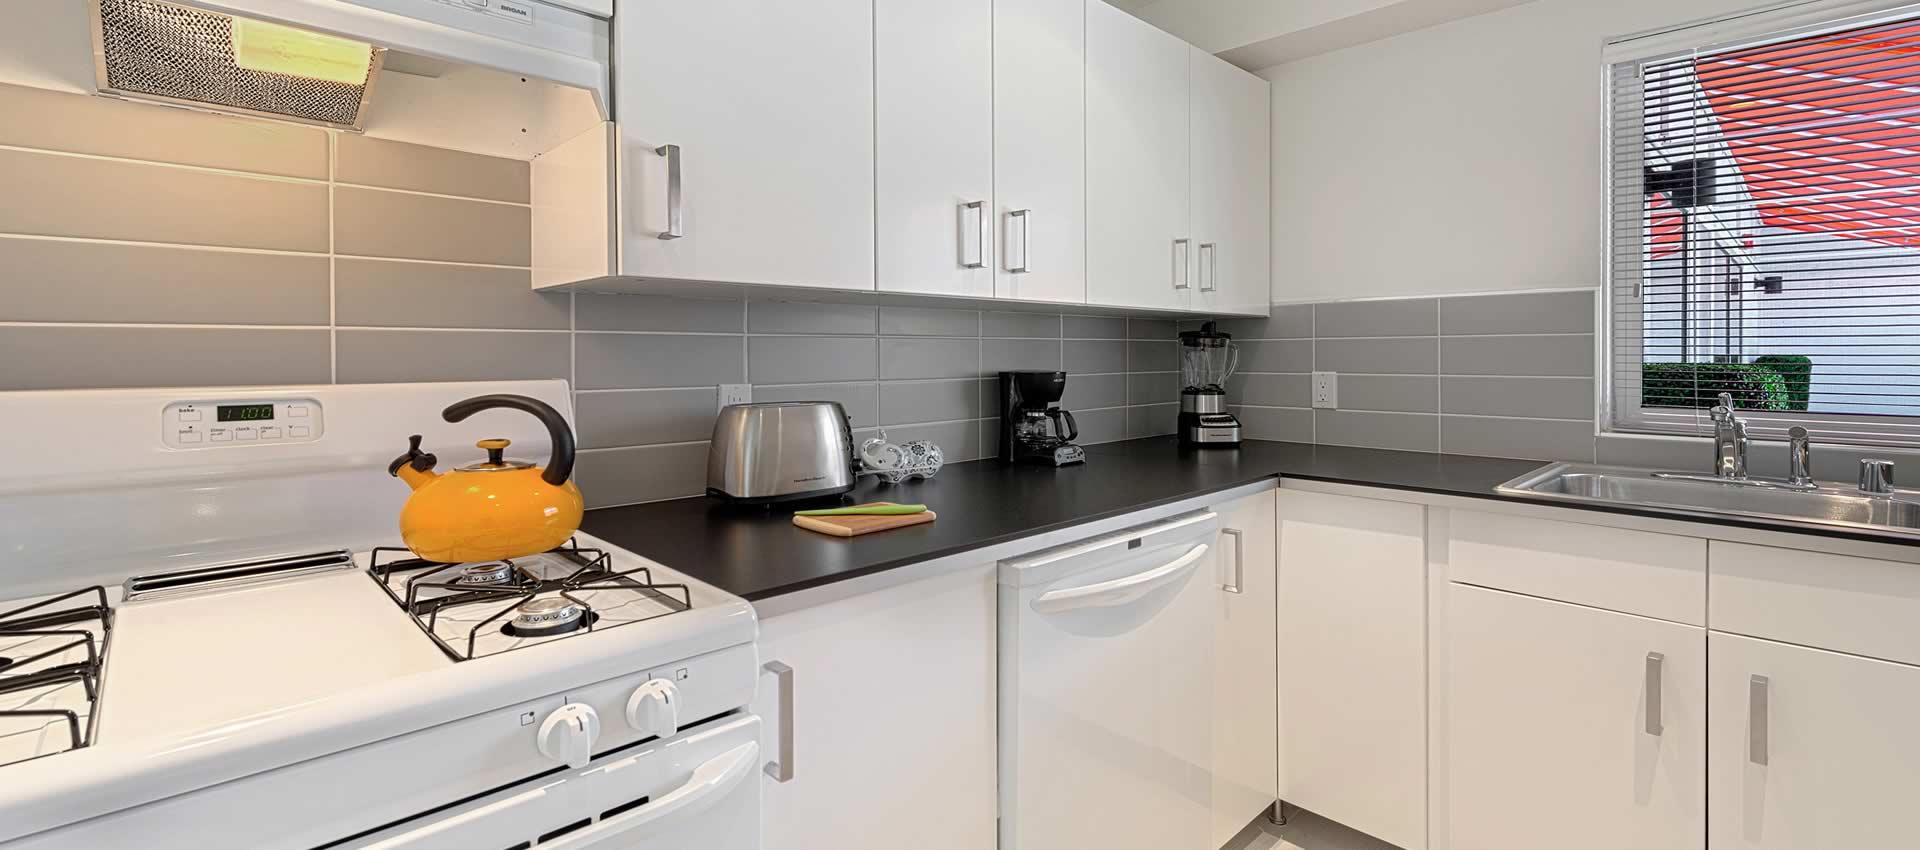 twist-hotel-room217-kitchen